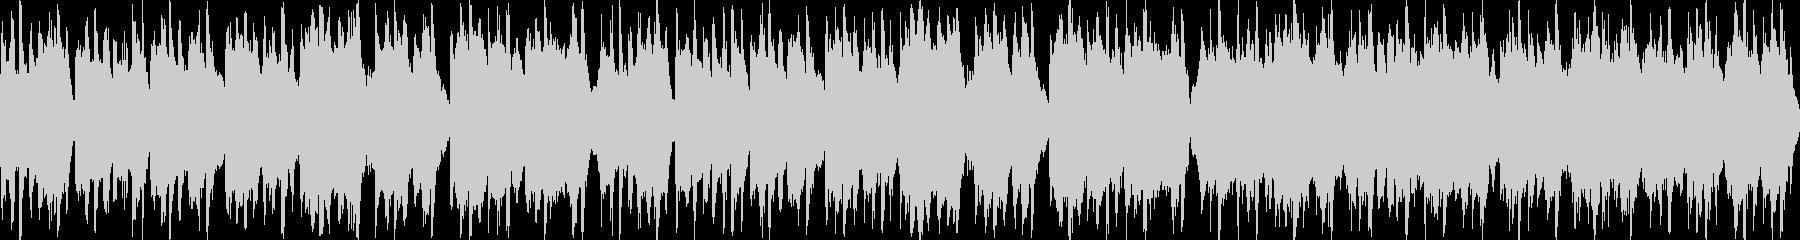 陽気な民族音楽風の曲 ループ可の未再生の波形